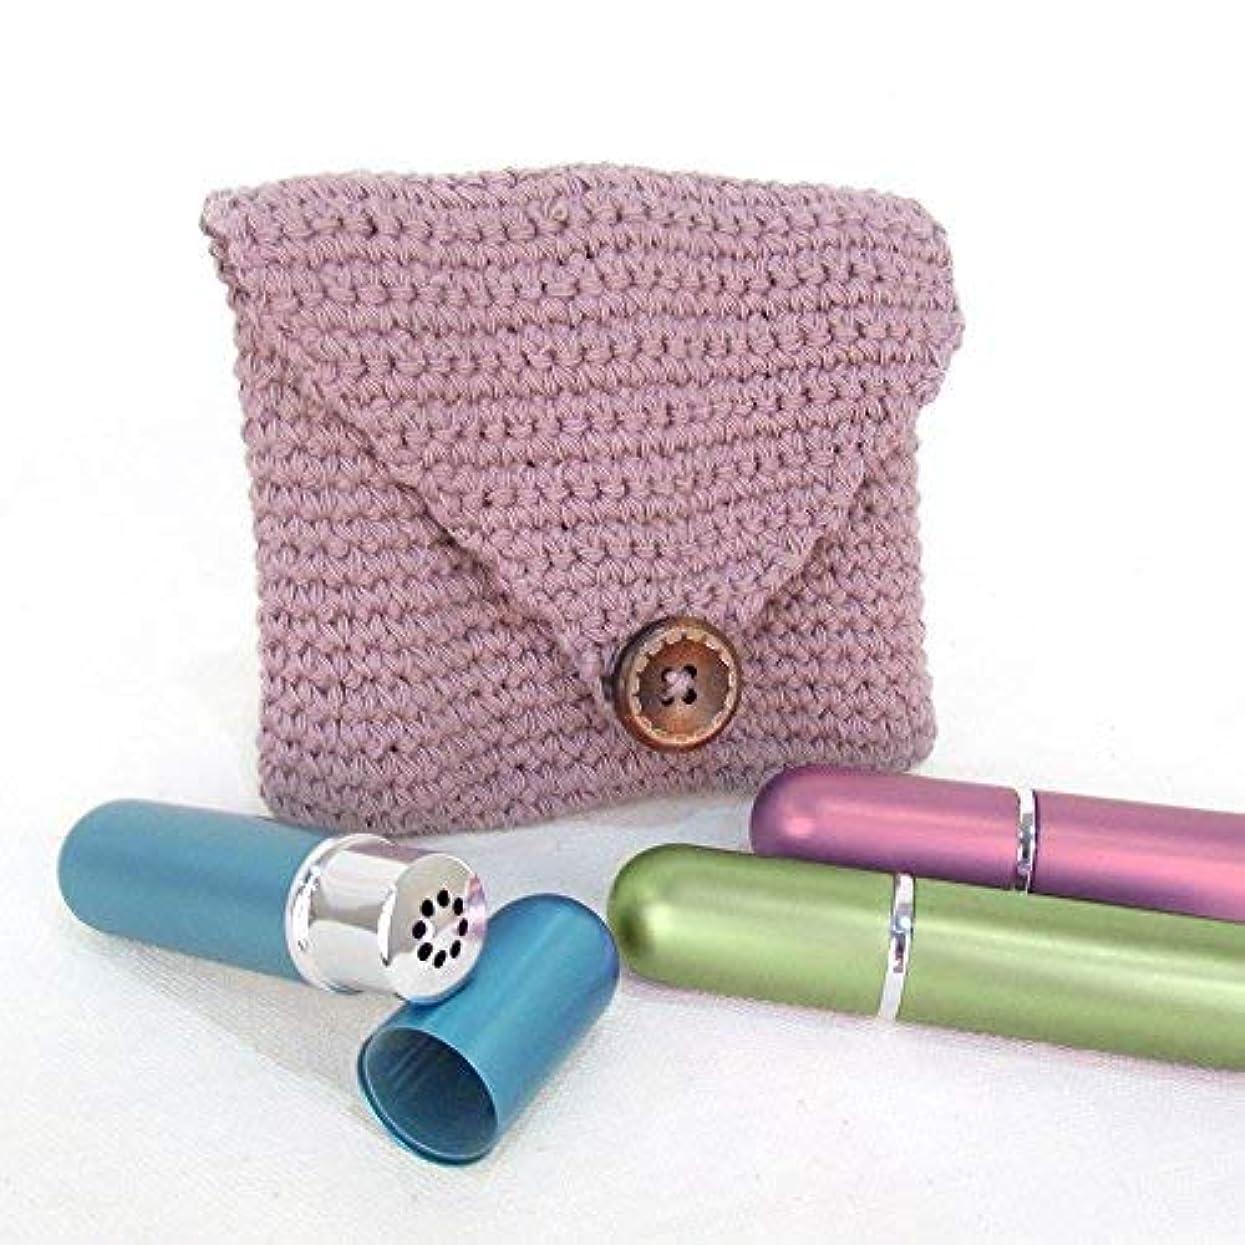 狂気副詞できればPurple Crochet Case and 3 Empty Essential Oil Aluminum and Glass Refillable Inhalers by Rivertree Life [並行輸入品]